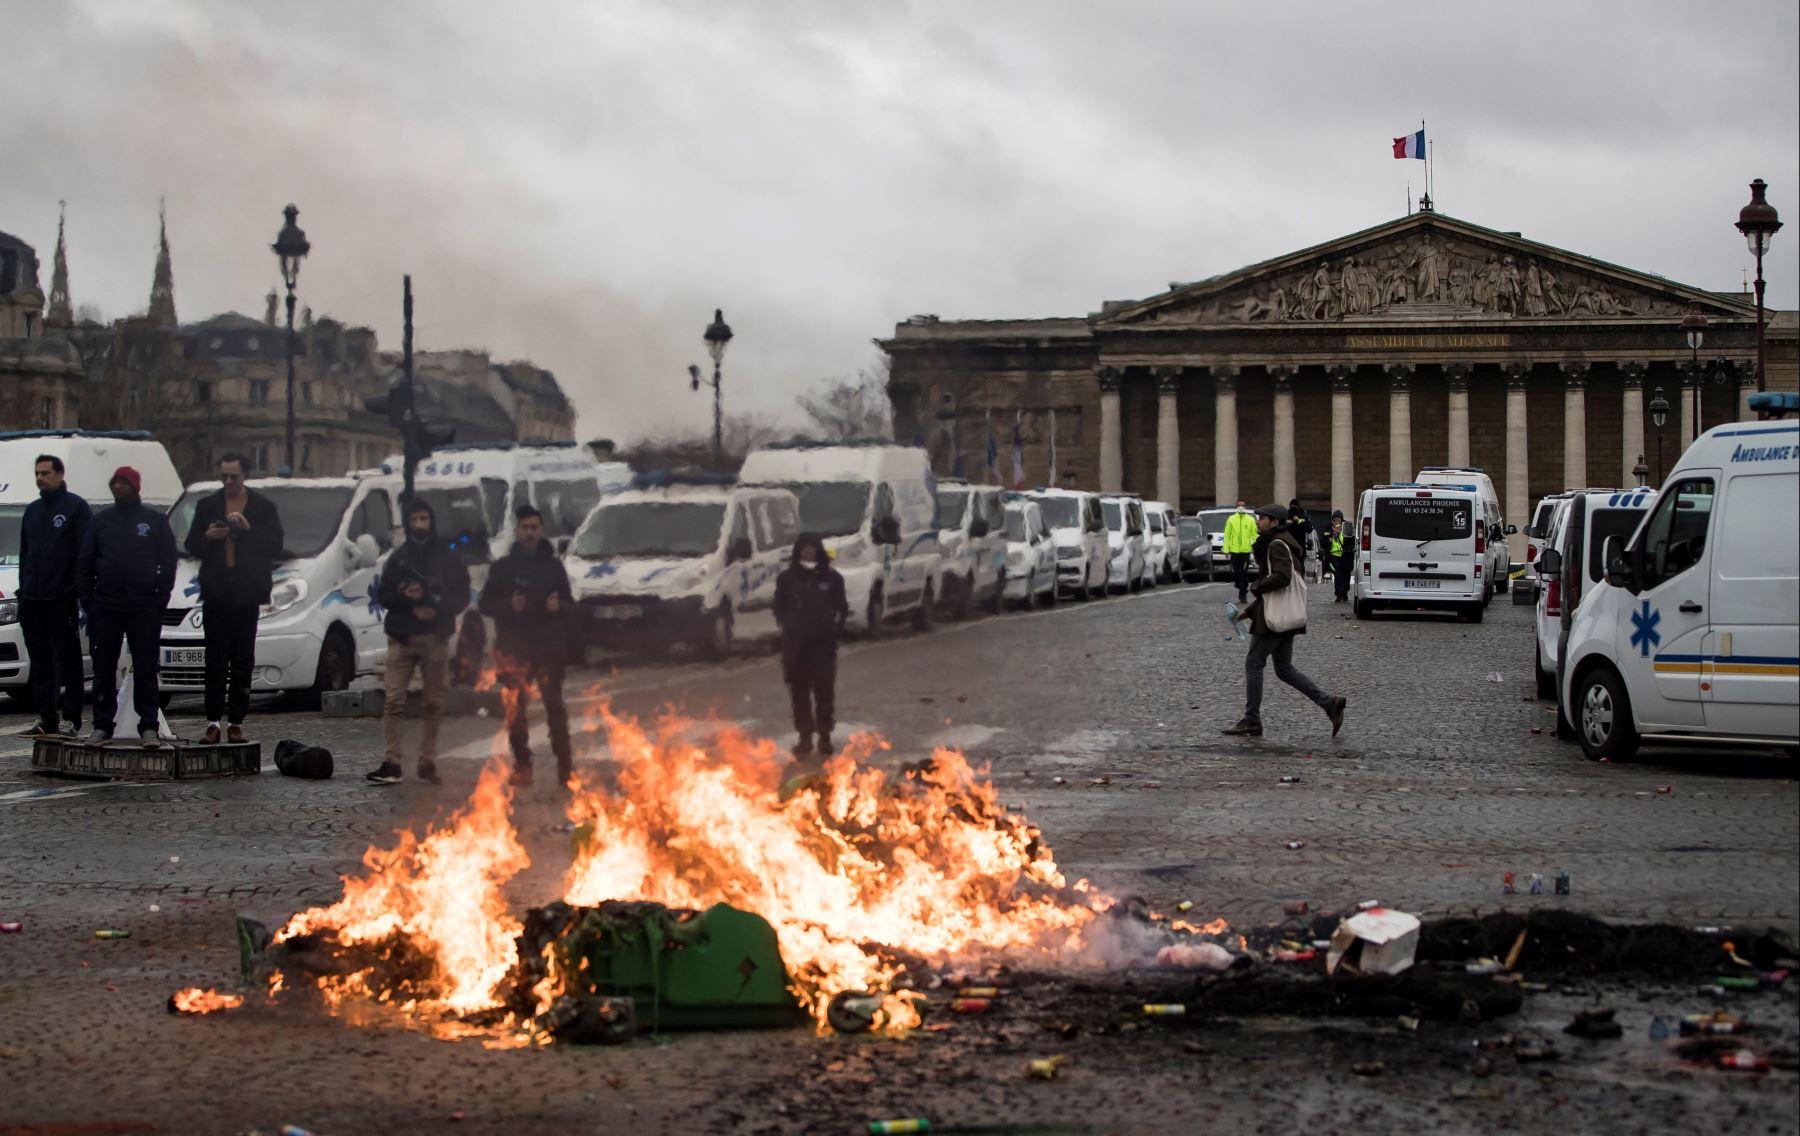 Conductores de ambulancias inician un fuego ante la Asamblea Nacional, en ParÌs, Francia. Los manifestantes bloquearon el tráfico junto a la Asamblea Nacional para exigir la suspensión de una reforma del sistema de financiación de los transportes sanitarios. EFE